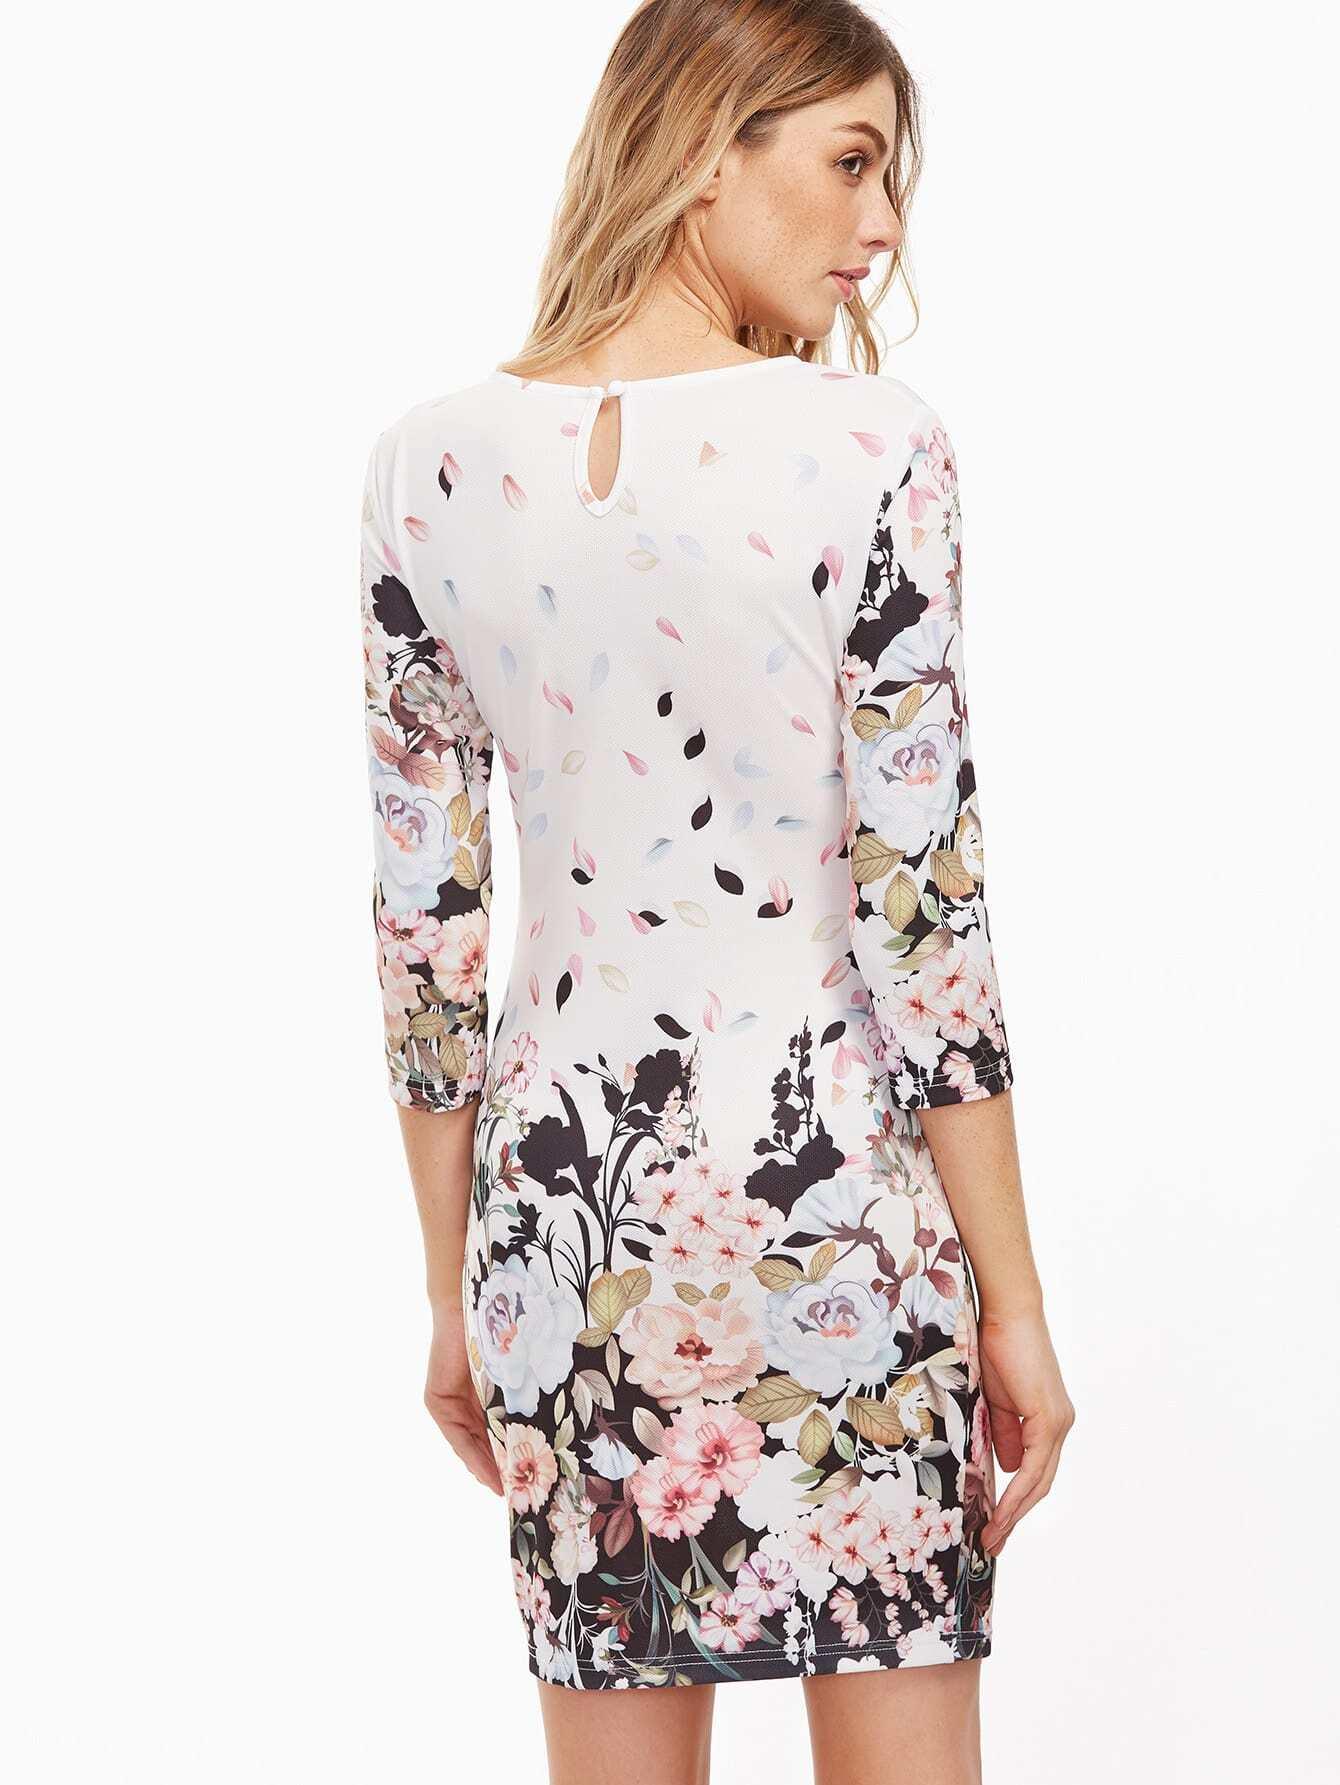 dress161027720_2